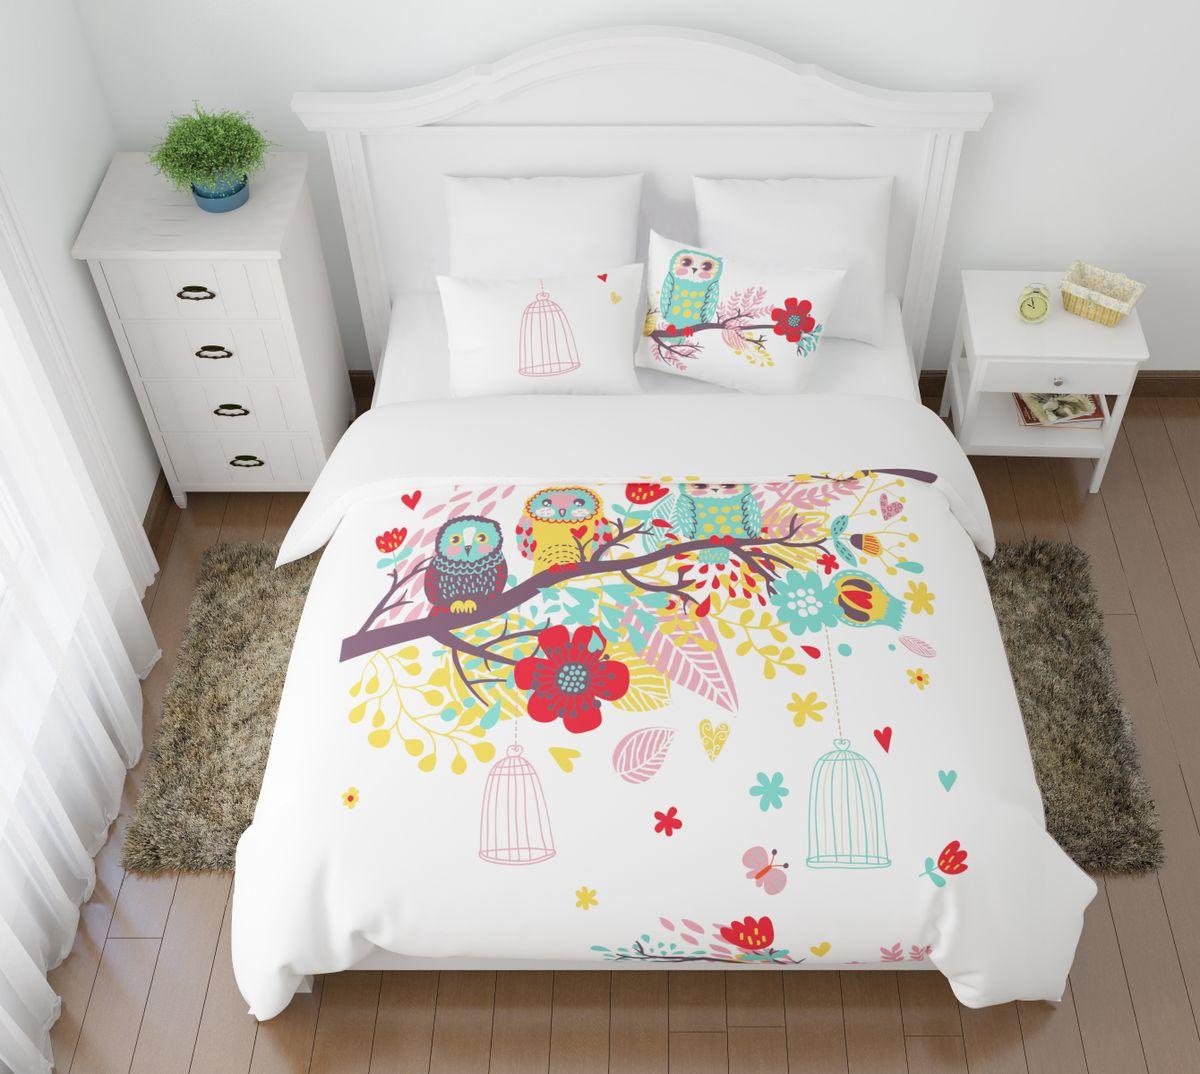 Комплект белья Сирень Волшебный сон, 1,5-спальный, наволочки 50x70391602Комплект постельного белья Сирень состоит из простыни, пододеяльника и 2 наволочек. Комплект выполнен из современных гипоаллергенных материалов. Приятный при прикосновении сатин - гарантия здорового, спокойного сна. Ткань хорошо впитывает влагу, надолго сохраняет яркость красок. Четкий, изящный рисунок в сочетании с насыщенными красками делает комплект постельного белья неповторимой изюминкой любого интерьера. Постельное белье идеально подойдет для подарка. .